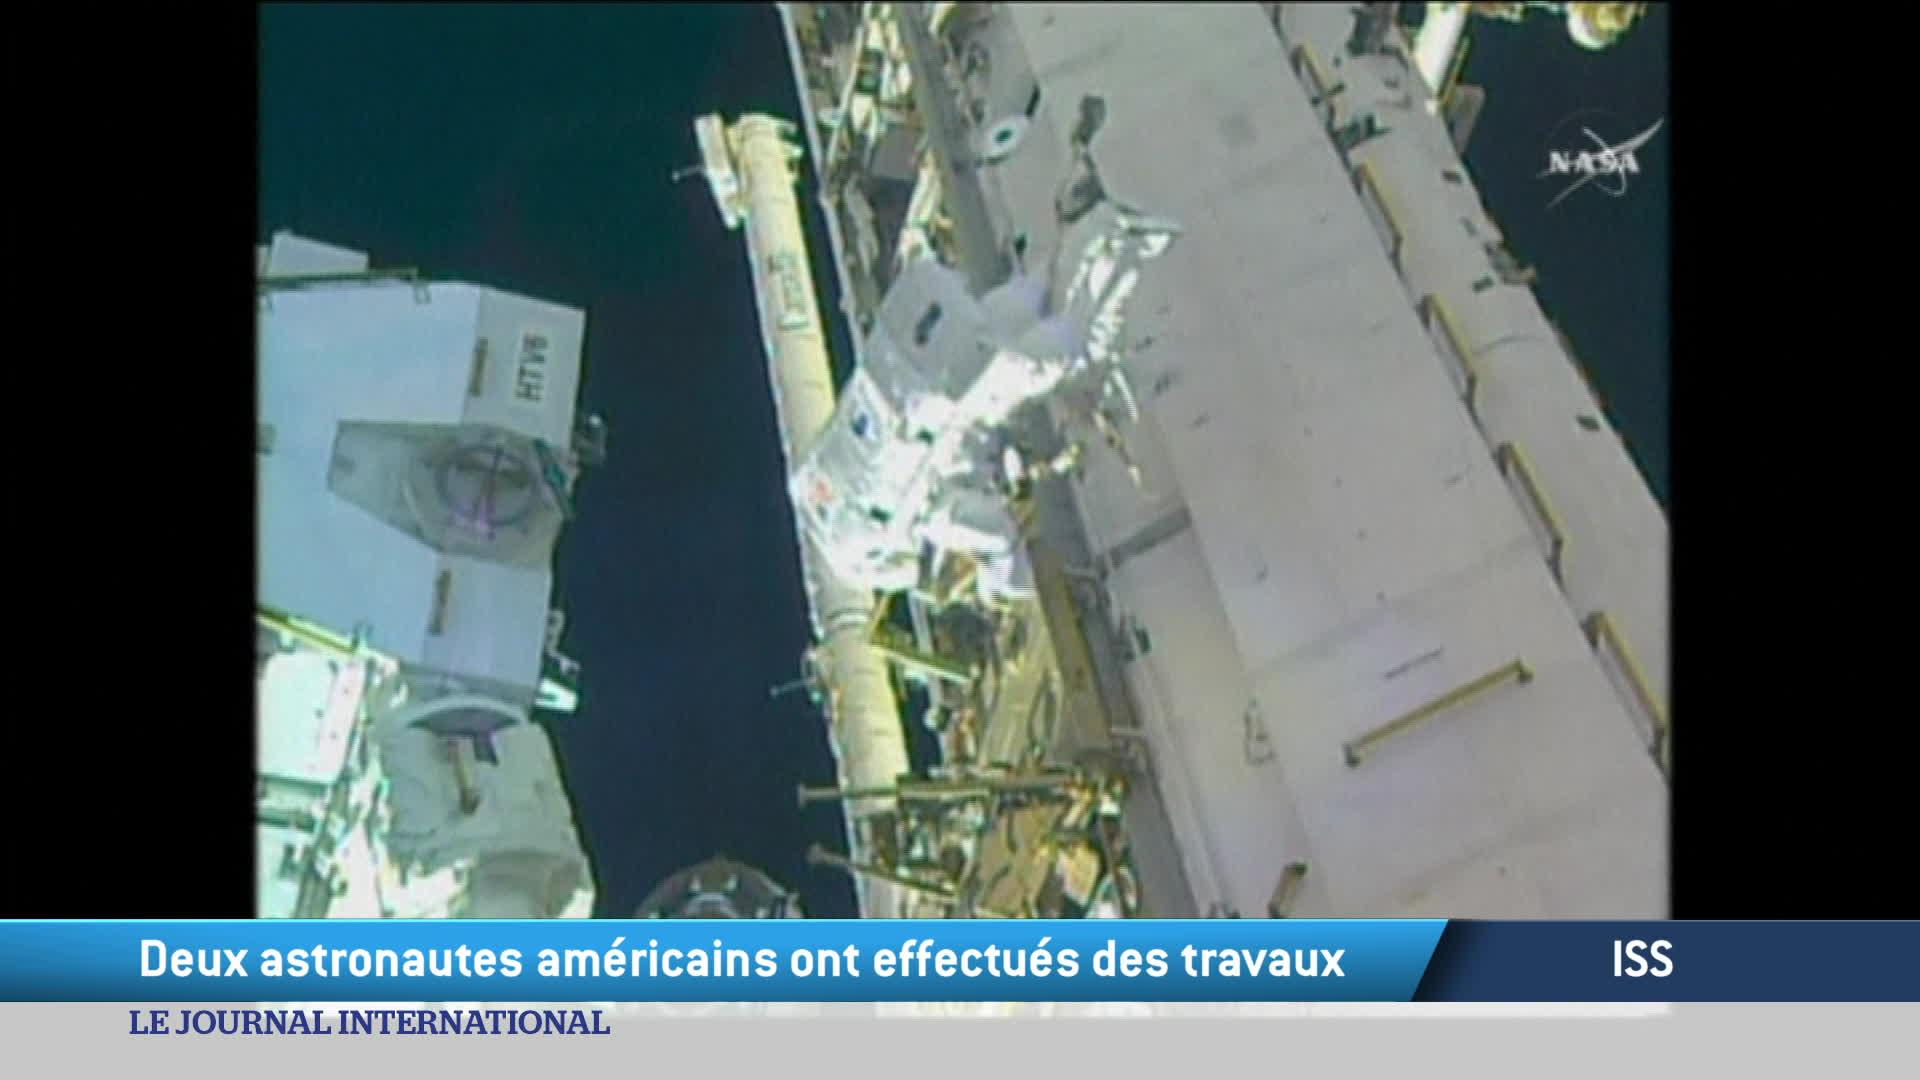 ISS : Deux astronautes américains ont effectués des travaux